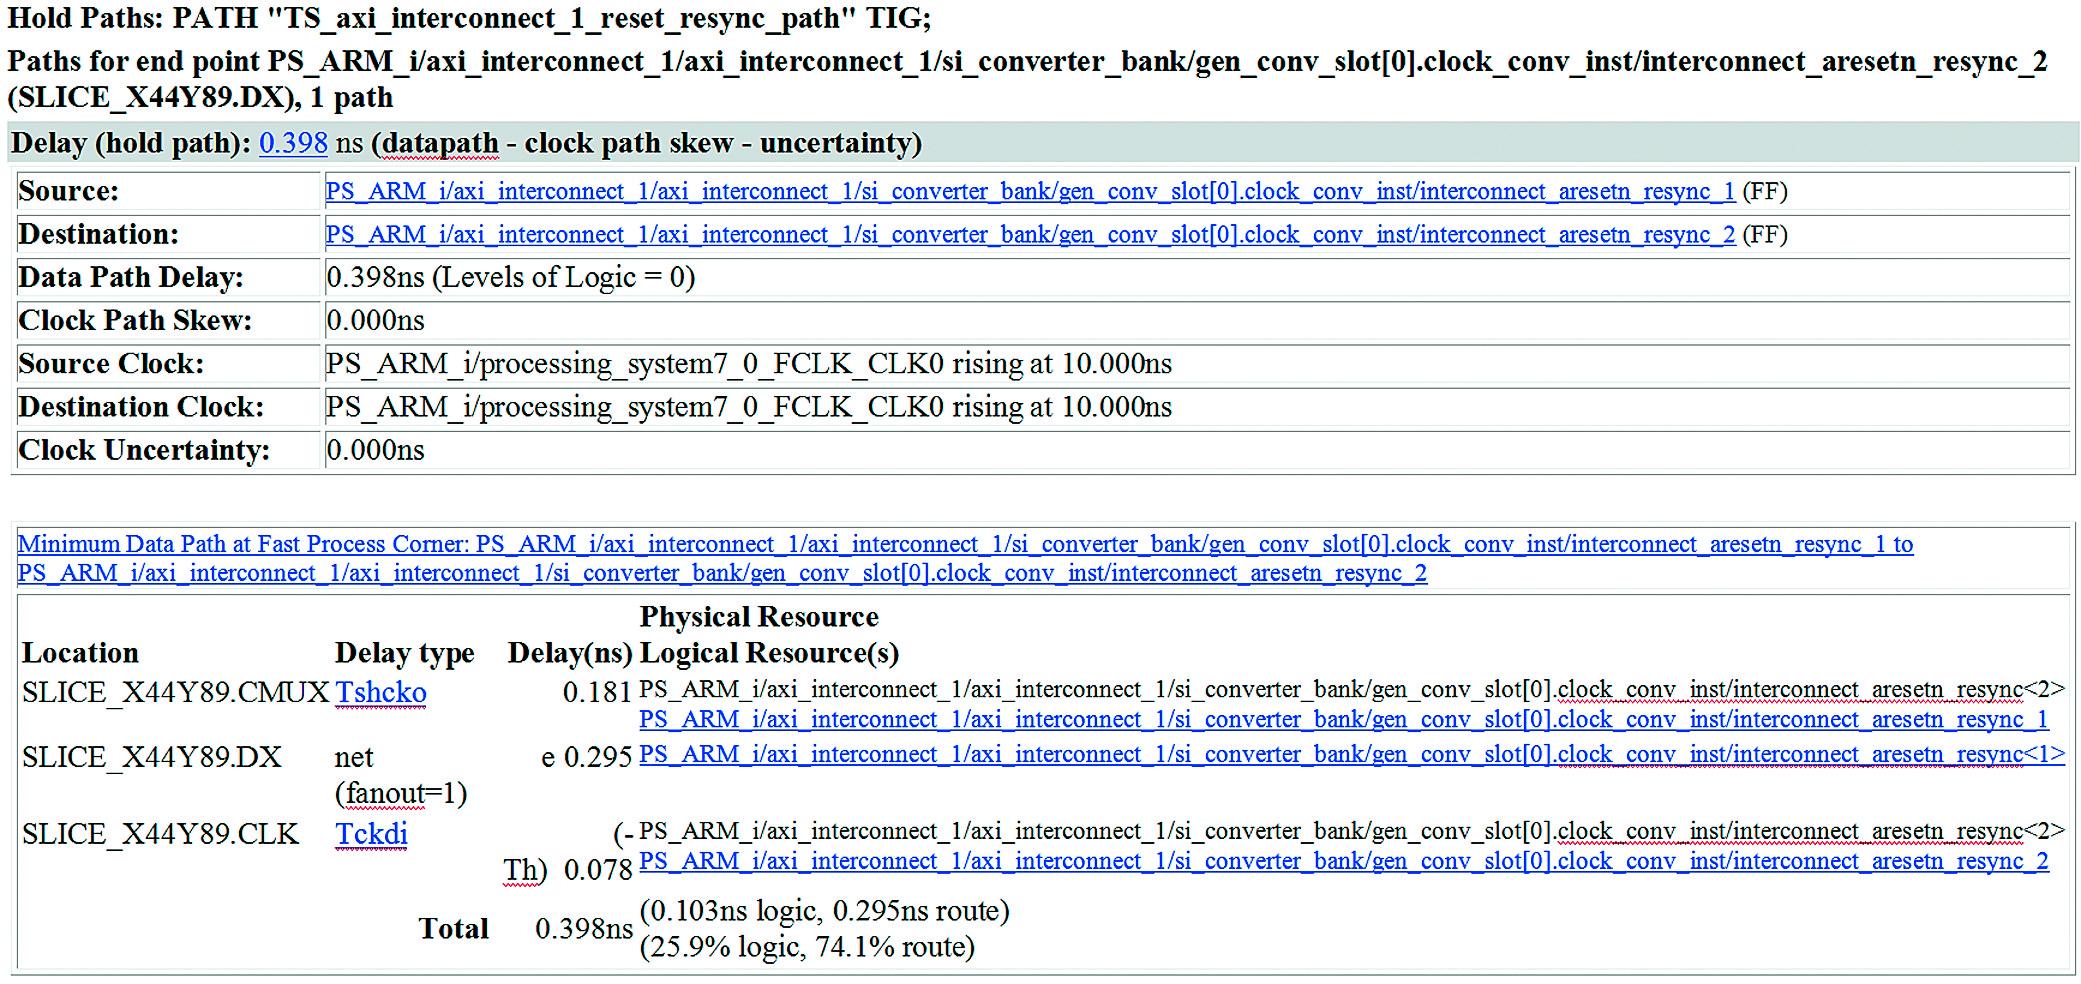 Отображение временных параметров маршрутов Hold paths для первого ограничения